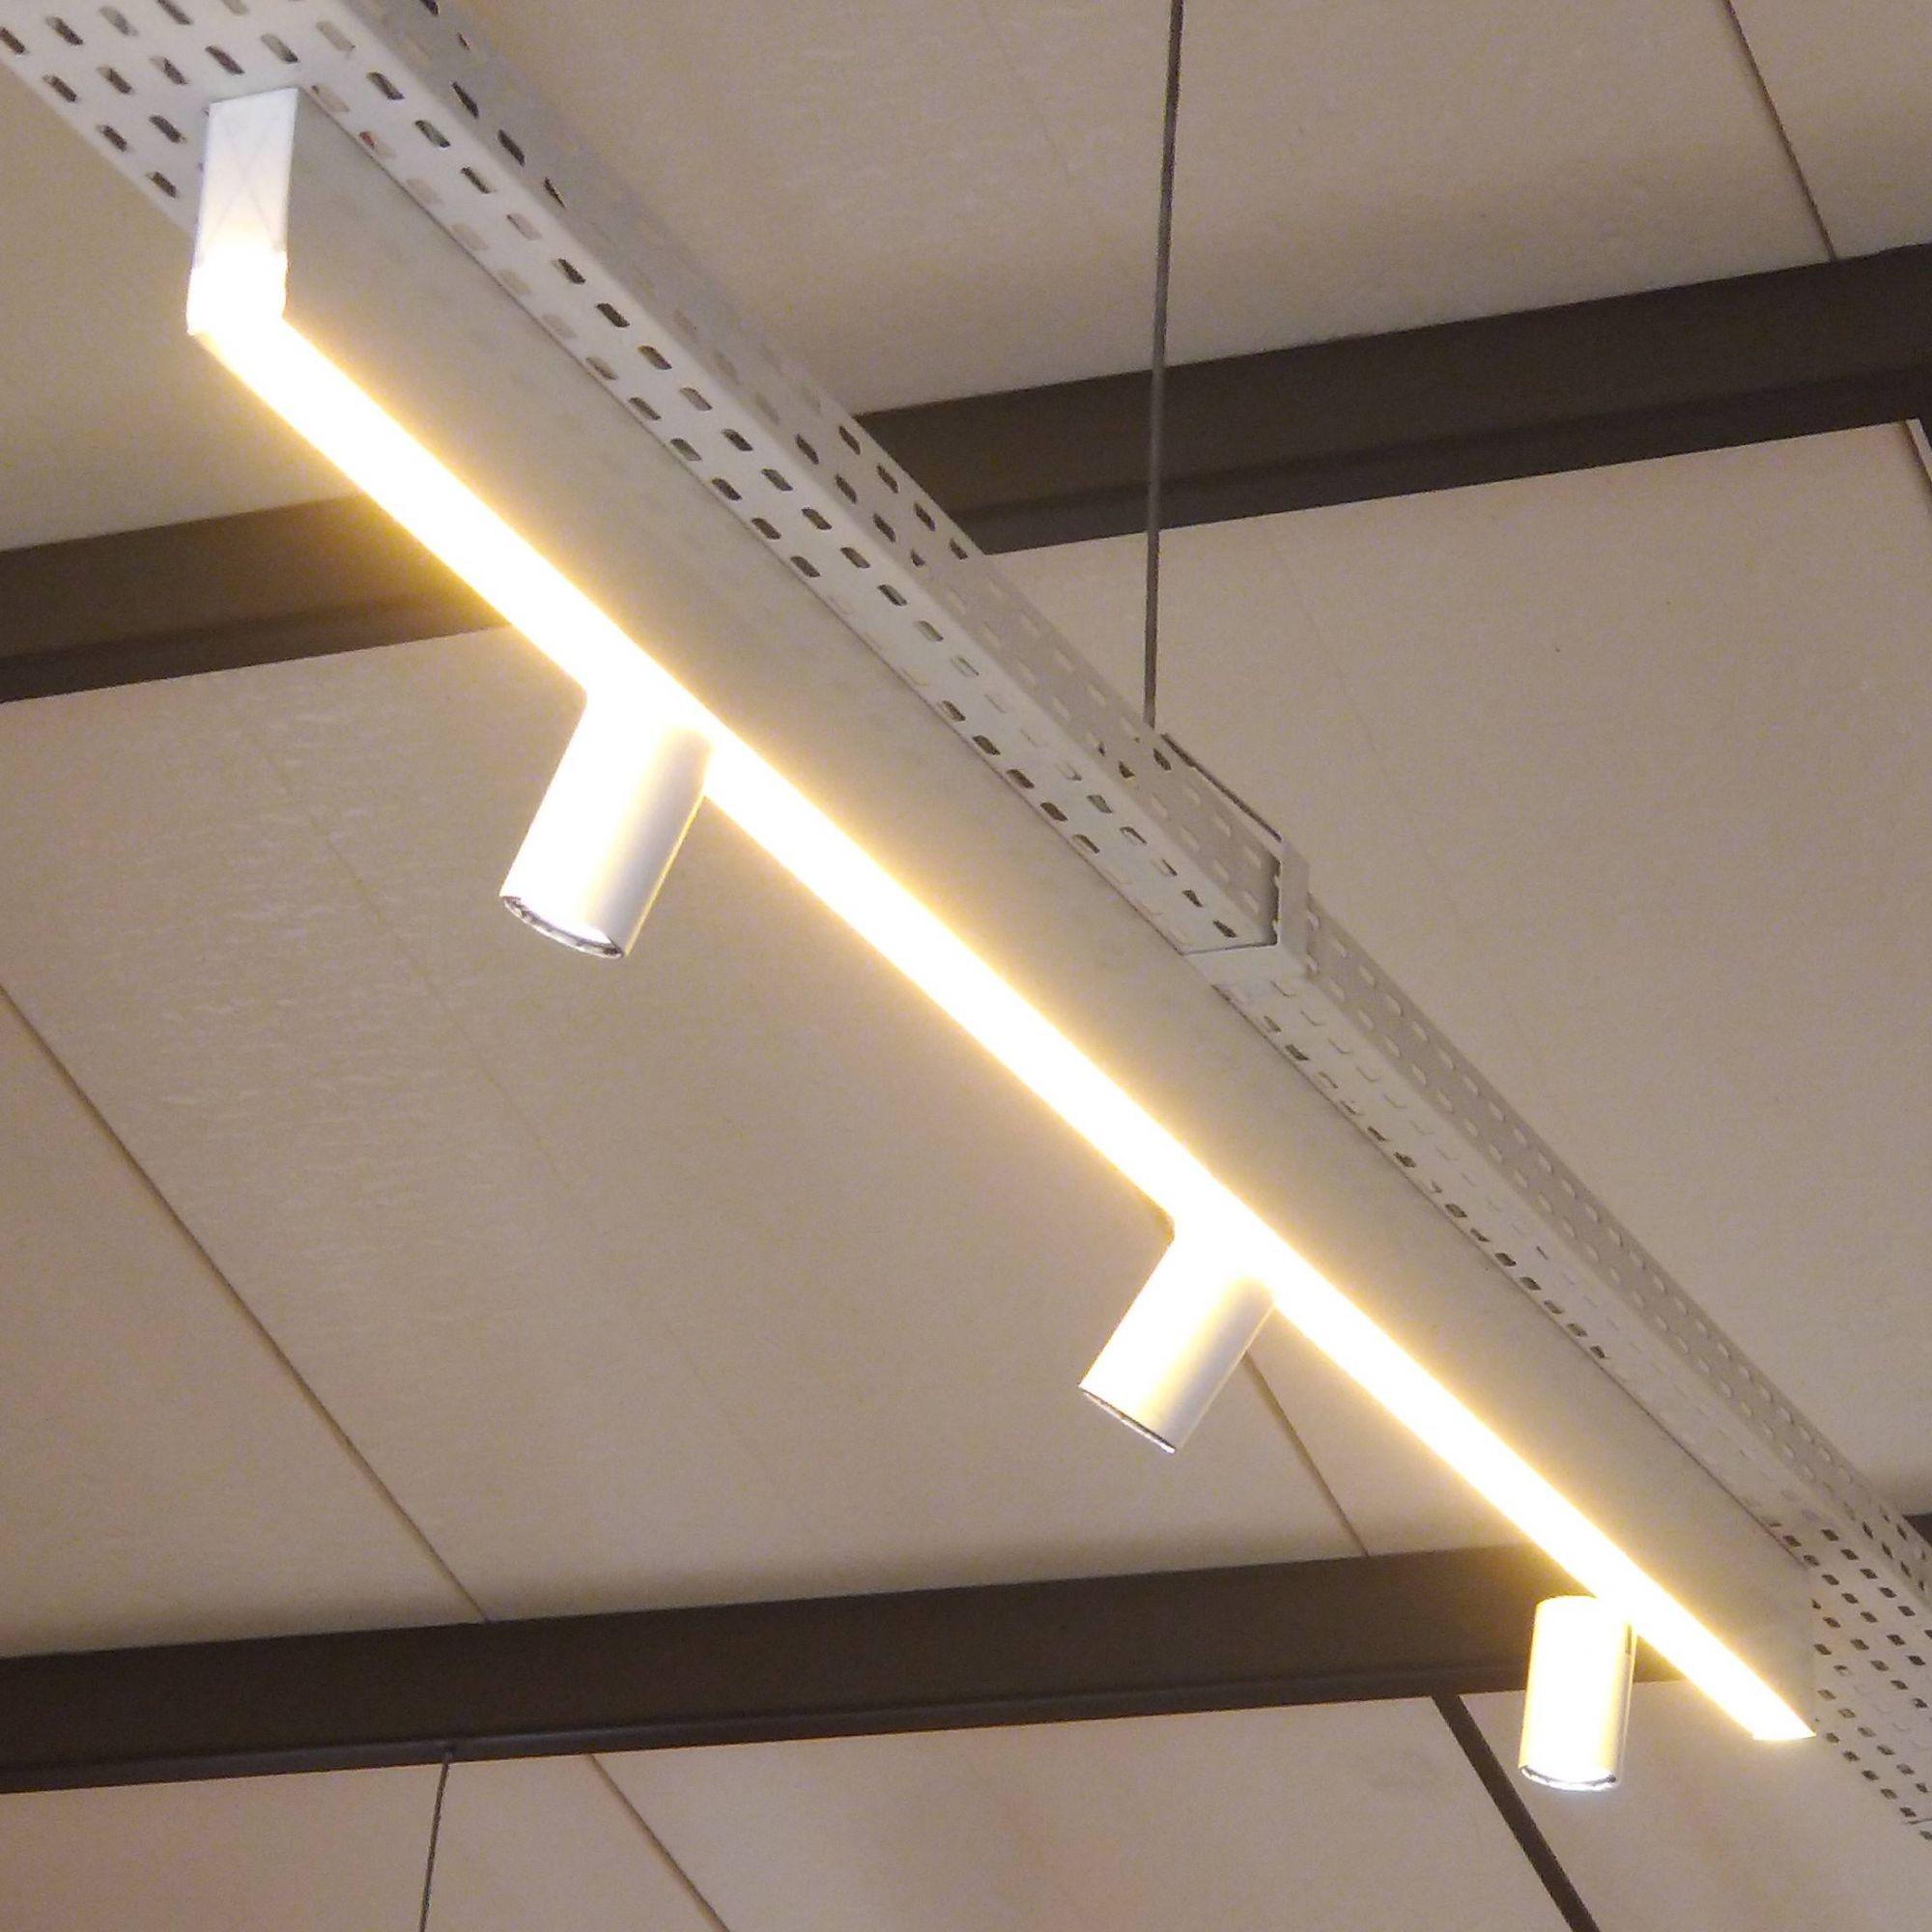 Perfil de Led Modo Sobreposto Luz Difusa + Spot Ilunato ILT0570